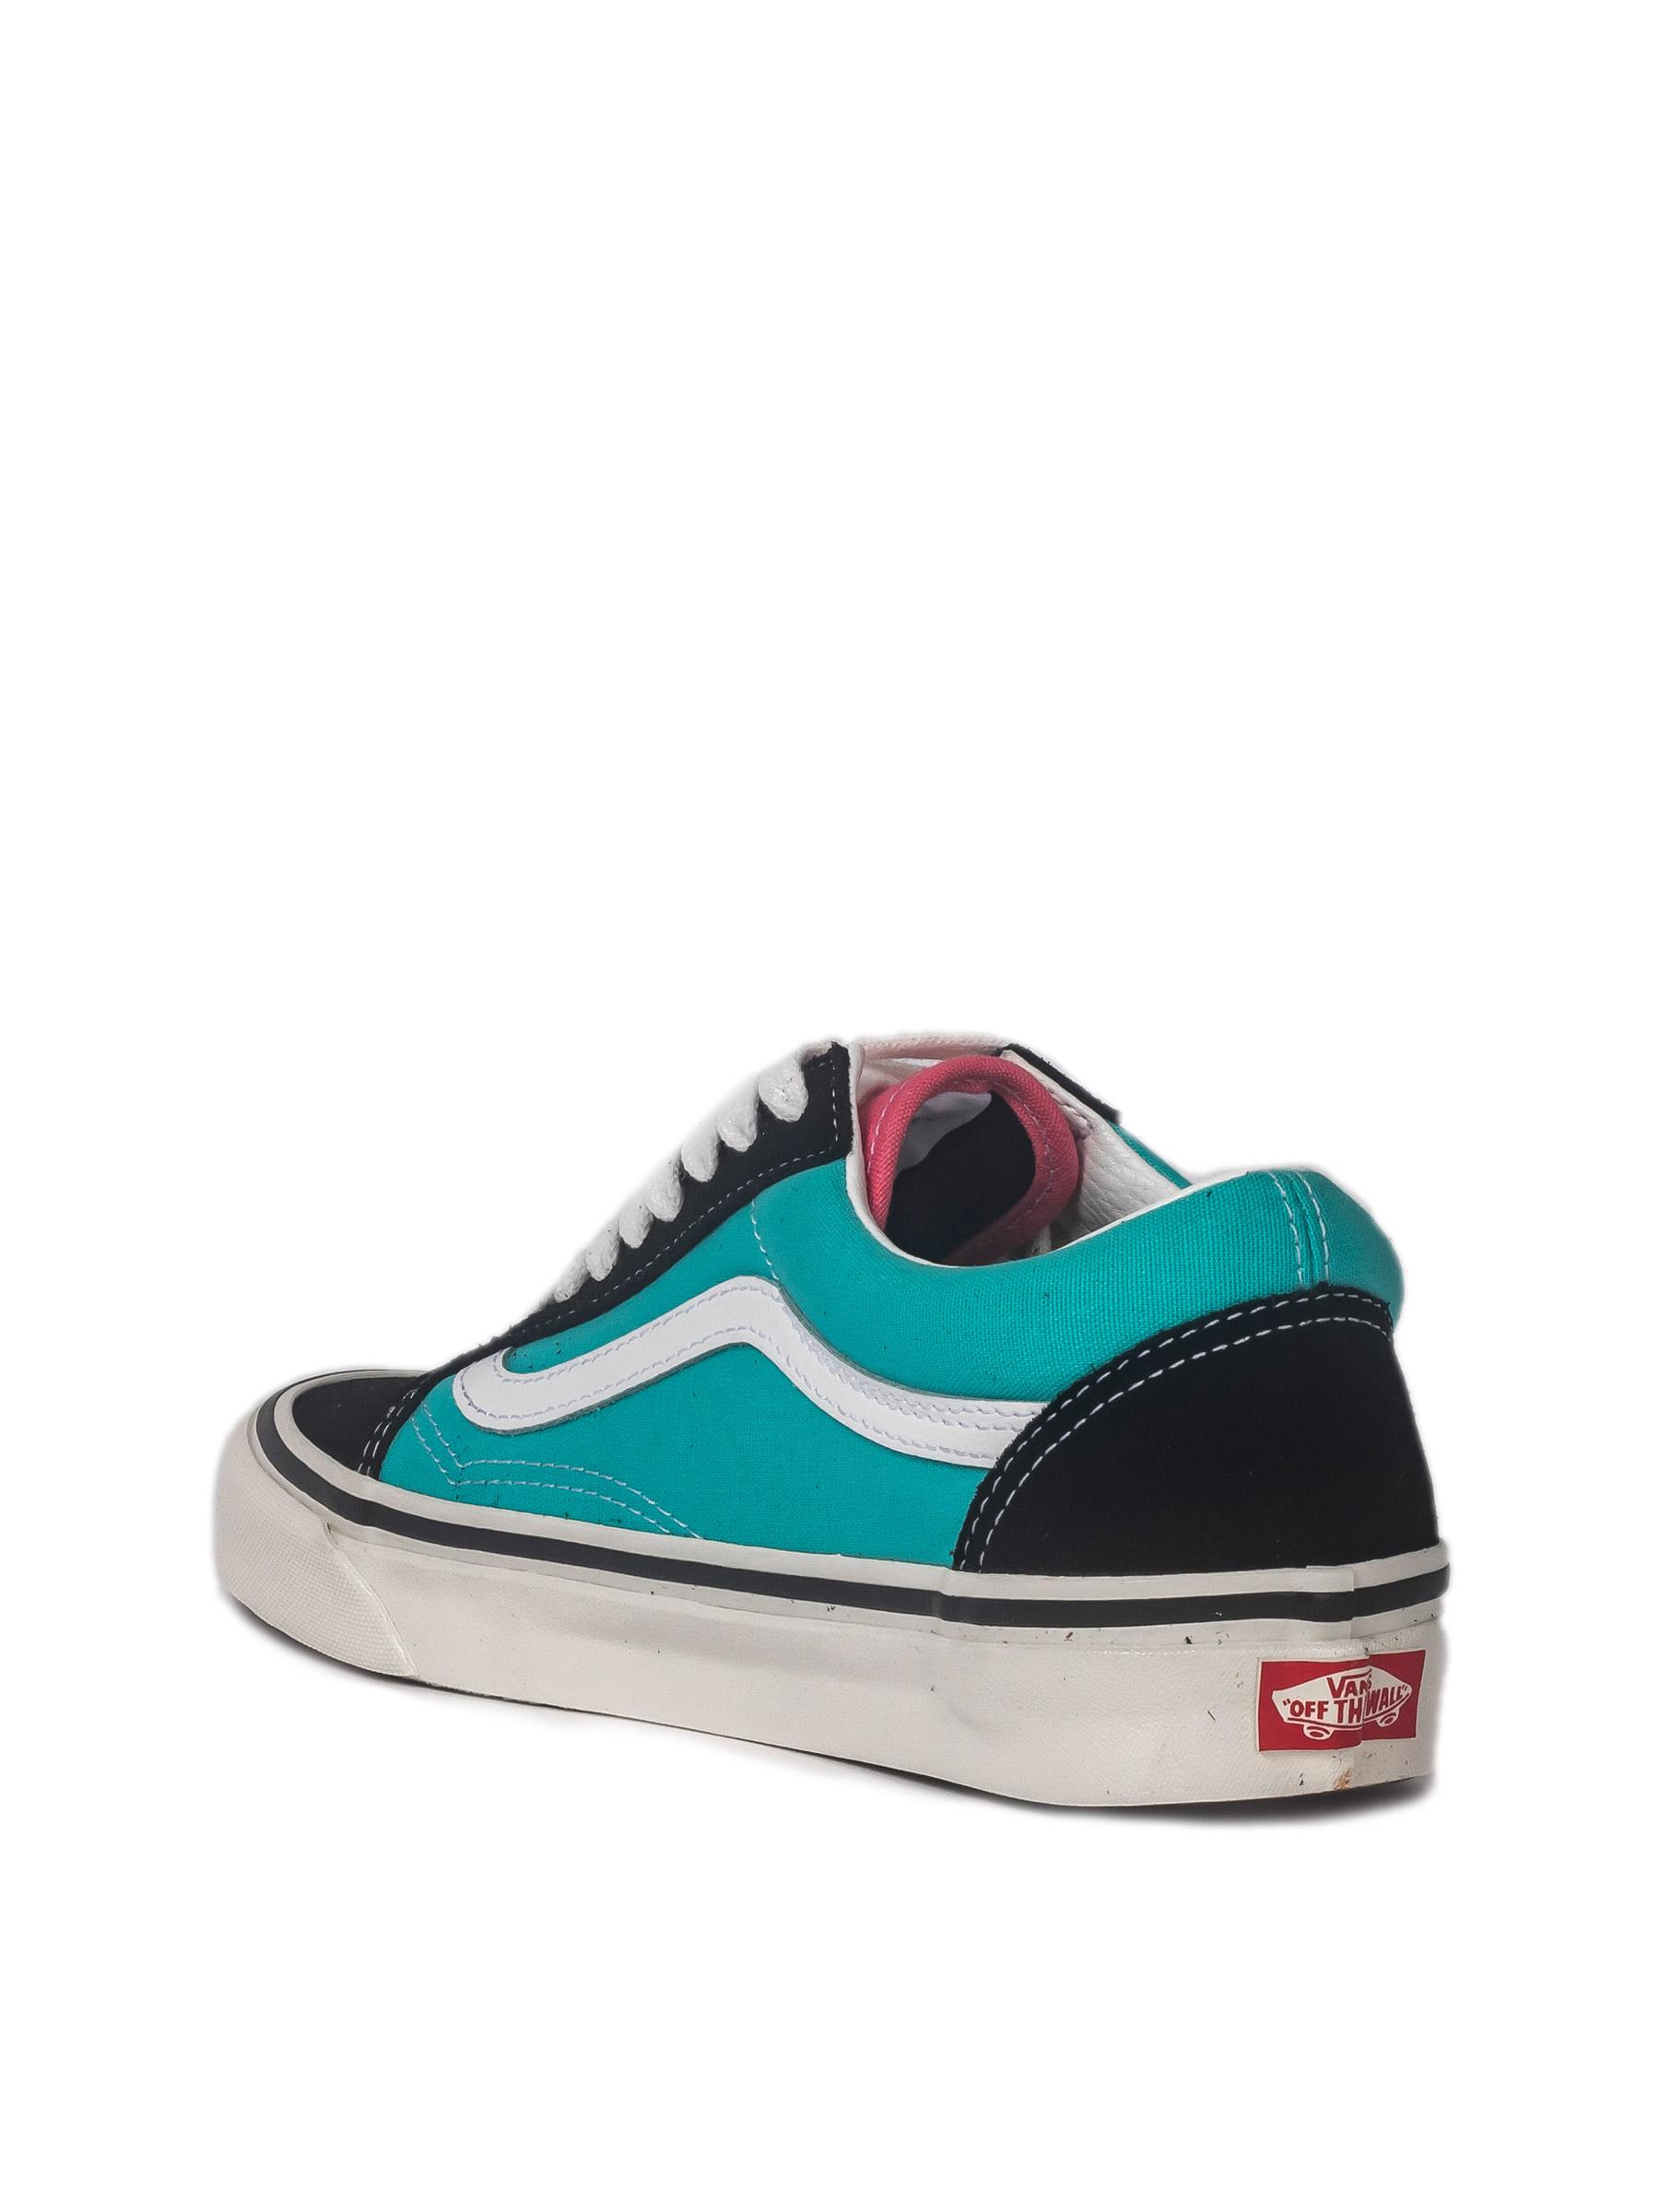 Vans old skool 36 dx VANS | Sneakers | VN0A38G2VPJ1MULTICOLOR